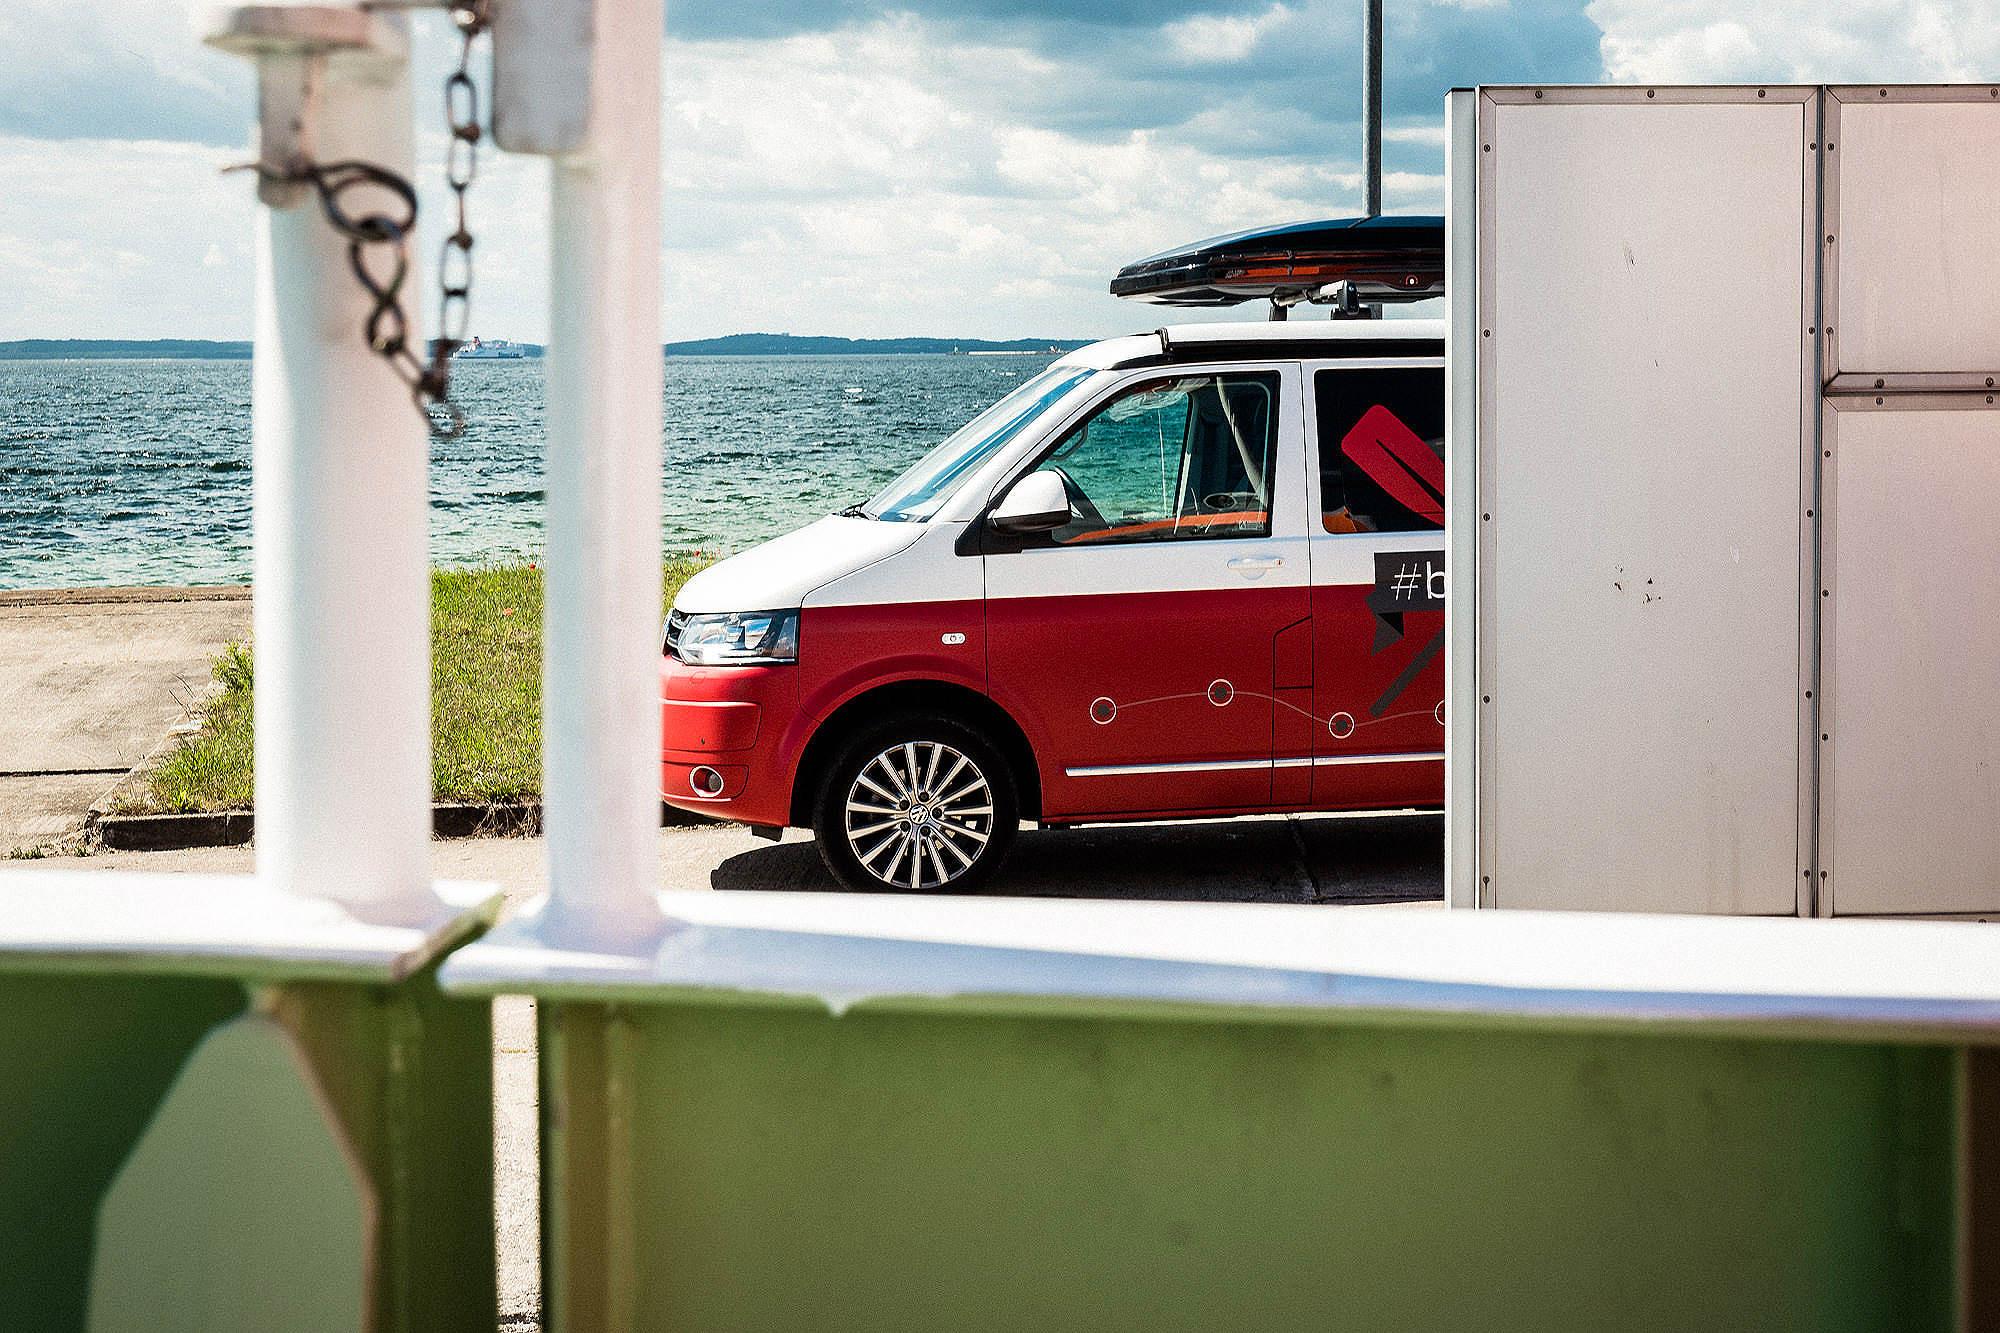 """Immer mit von der Partie: unser Camper - Büro und Hotel zugleich. Hier geparkt in Sichtweite zum Seenotrettungskreuzer """"Harro Koebke"""" in  Sassnitz auf Rügen."""